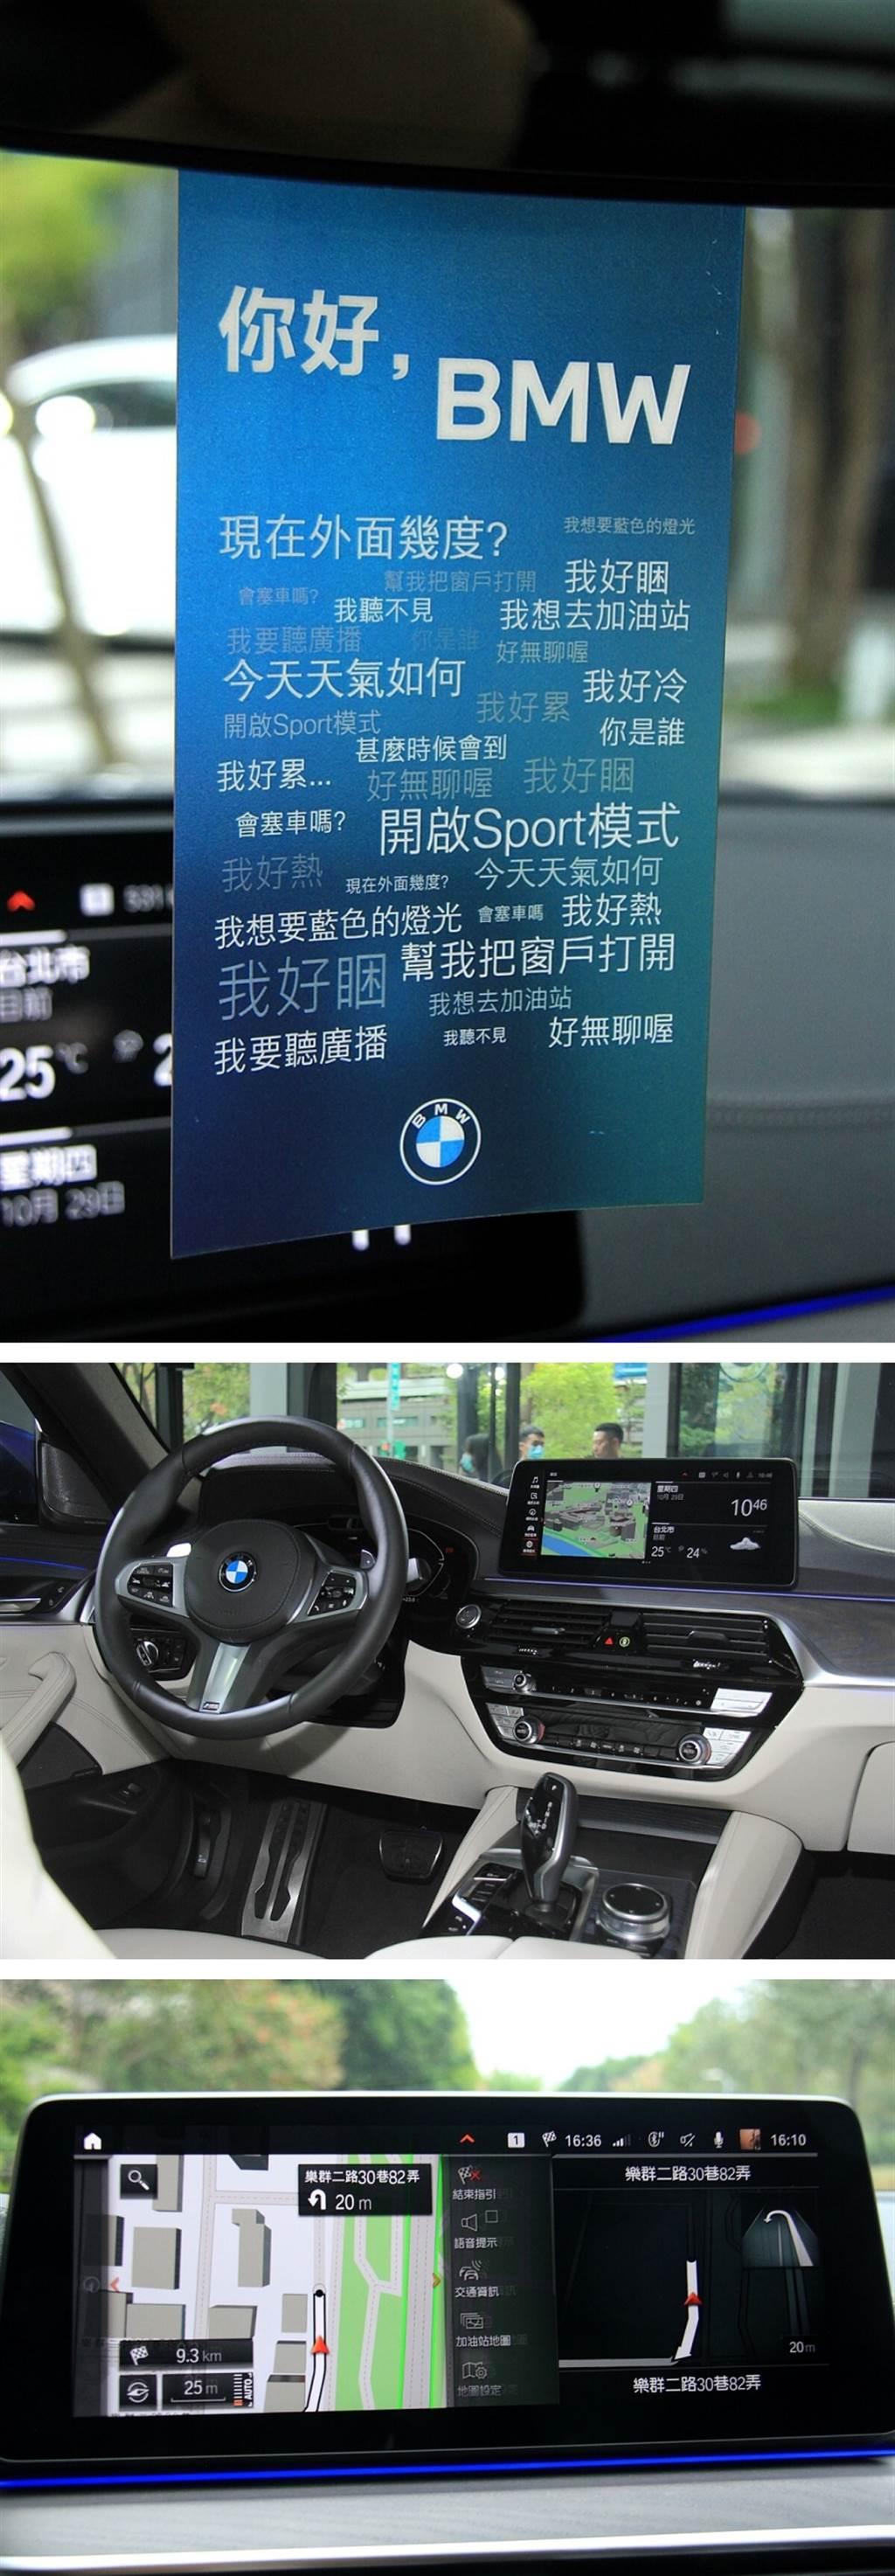 BMW五系列在2019年就已全面升級iDrive 7.0,中央觸控式多媒體螢幕從過去的10.25吋,到了小改之後包含了520i,全車系都升級為與駕駛儀錶相同最大的12.3吋規格。